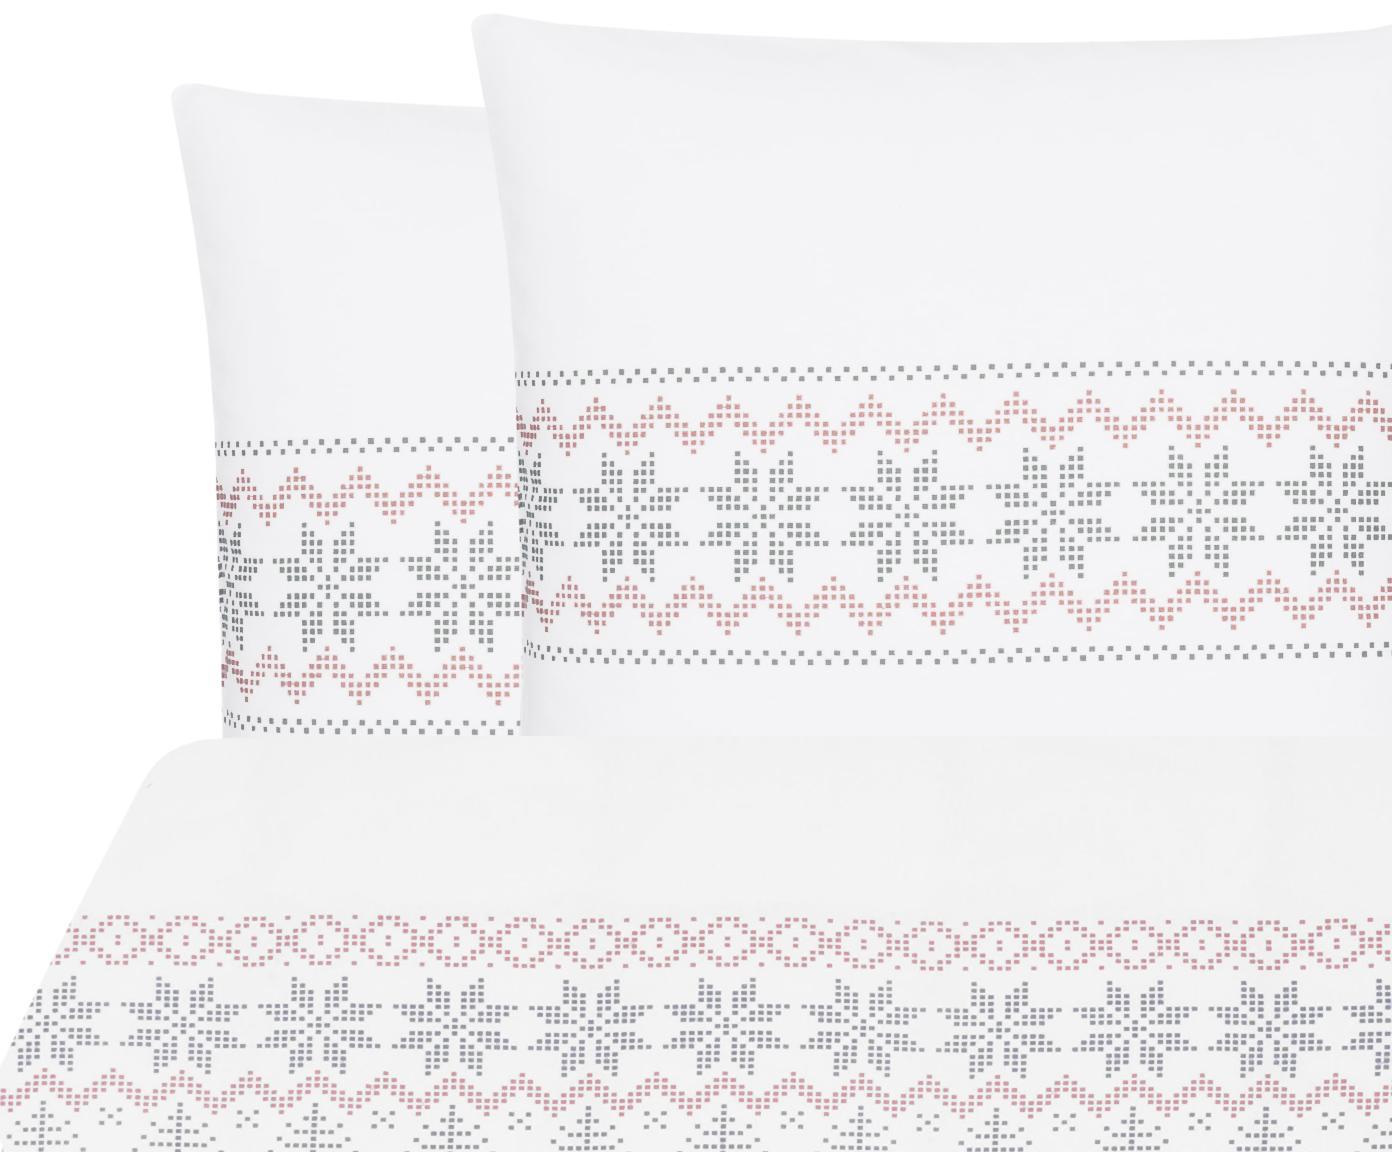 Flanell-Bettwäsche Finja mit Muster, Webart: Flanell Flanell ist ein s, Weiß, Altrosa, Grau, 200 x 200 cm + 2 Kissen 80 x 80 cm